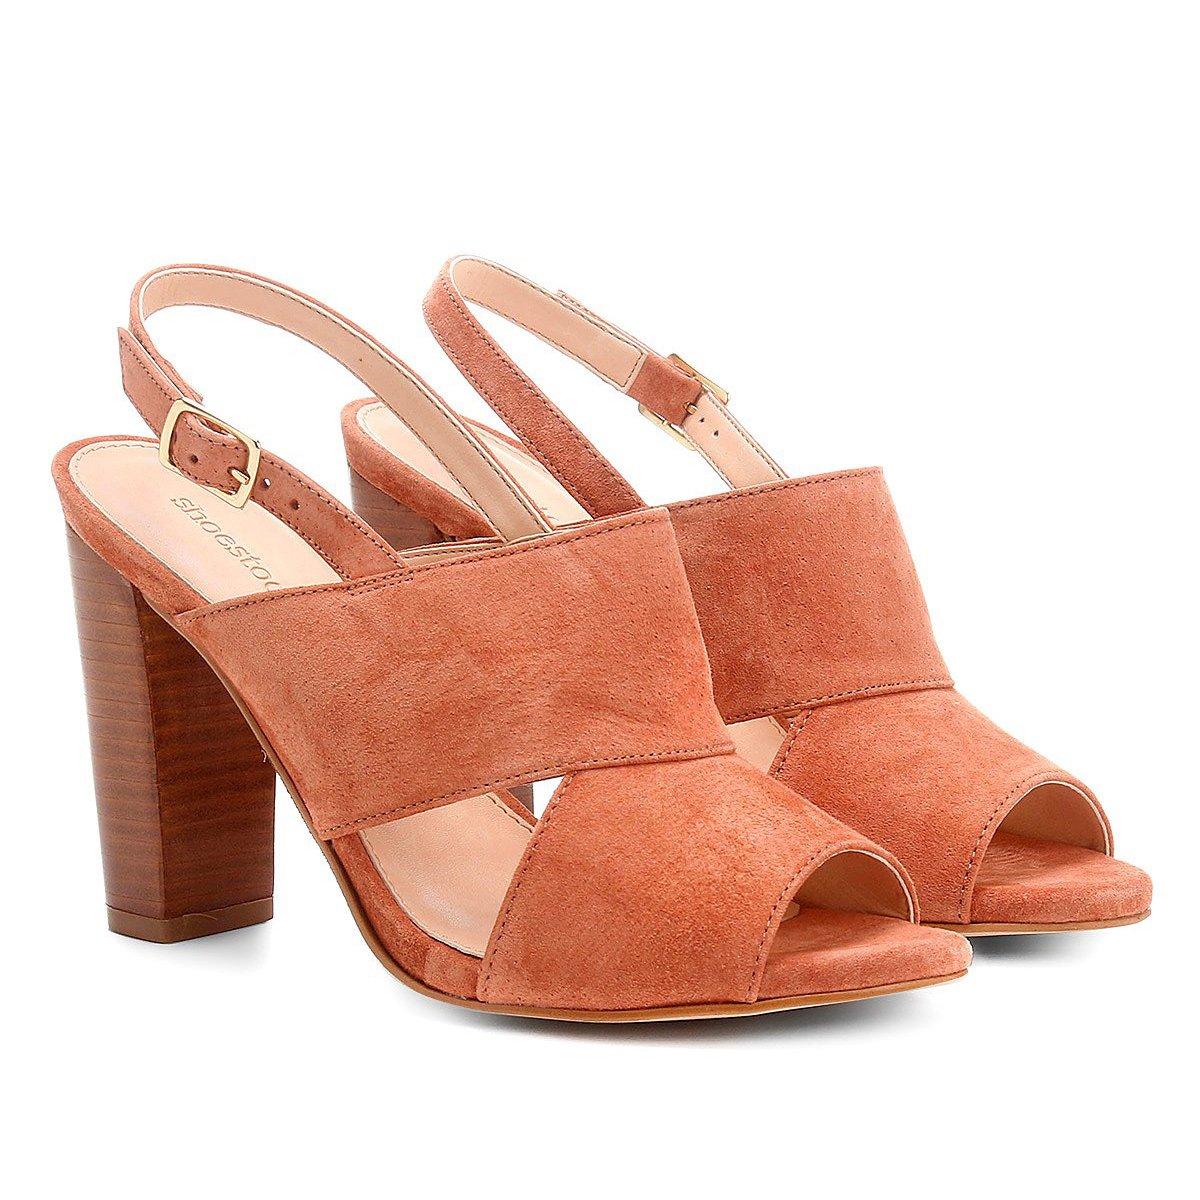 d827442d2a Sandália Couro Shoestock Salto Grosso Camurça Feminina